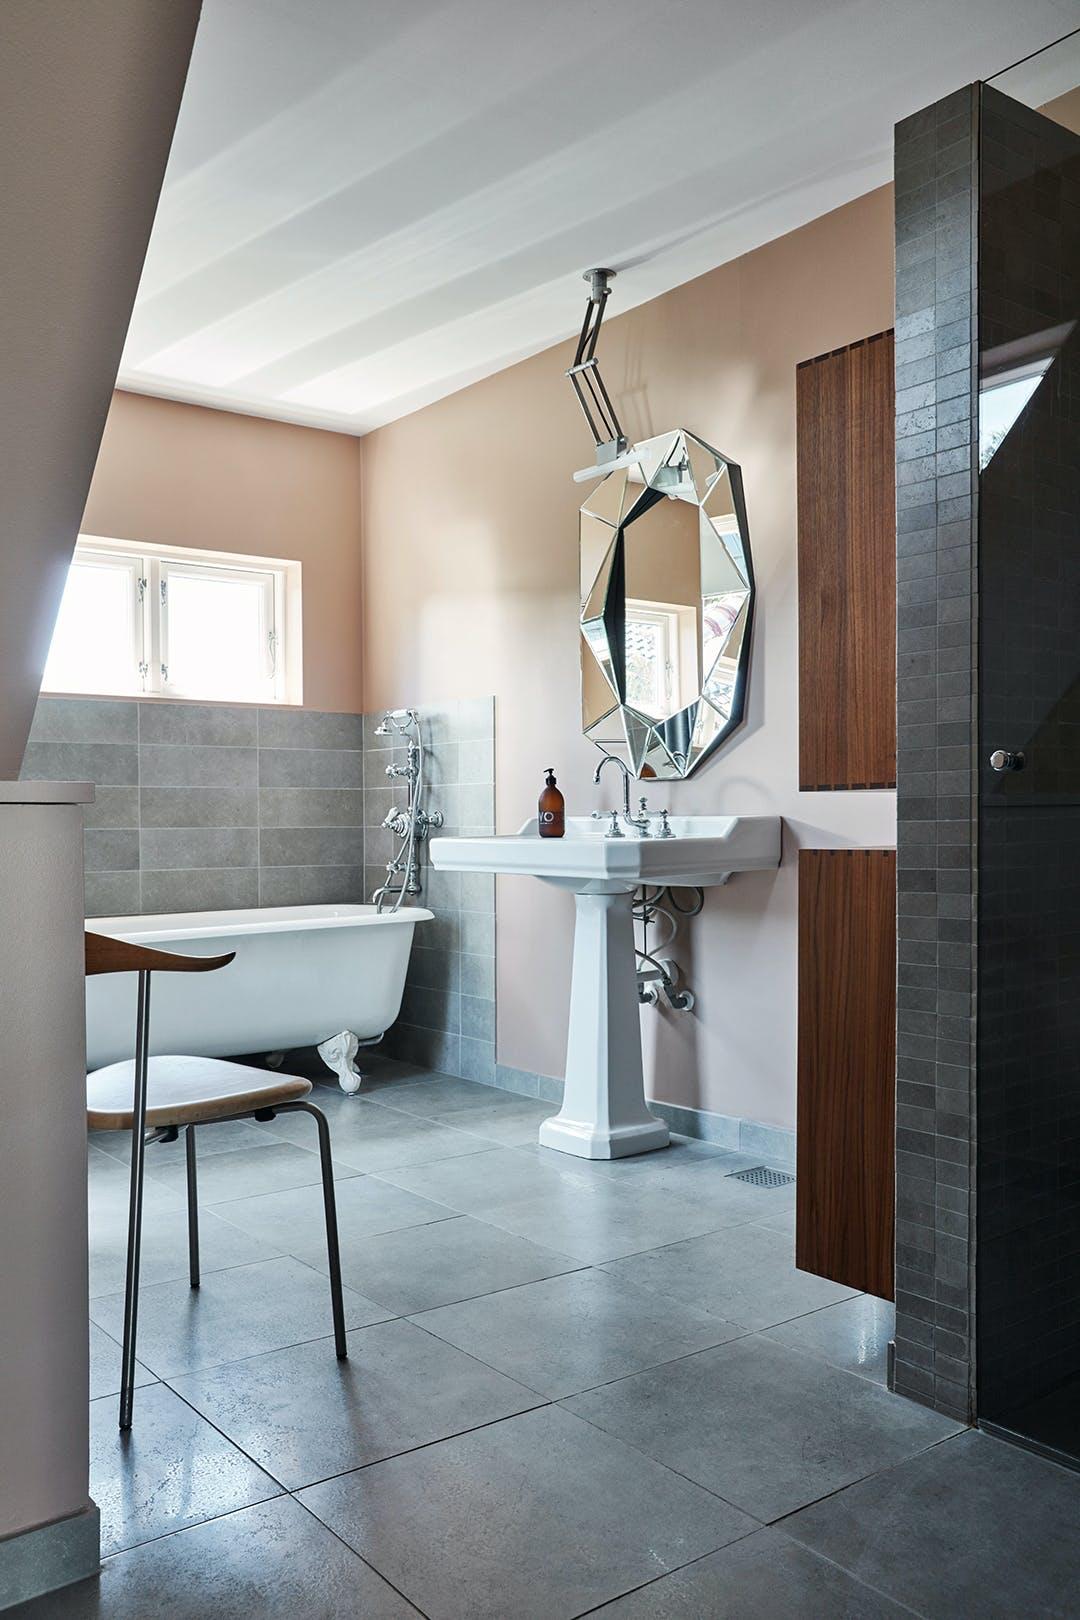 Badeværelse badekar dansk design stol Reflections